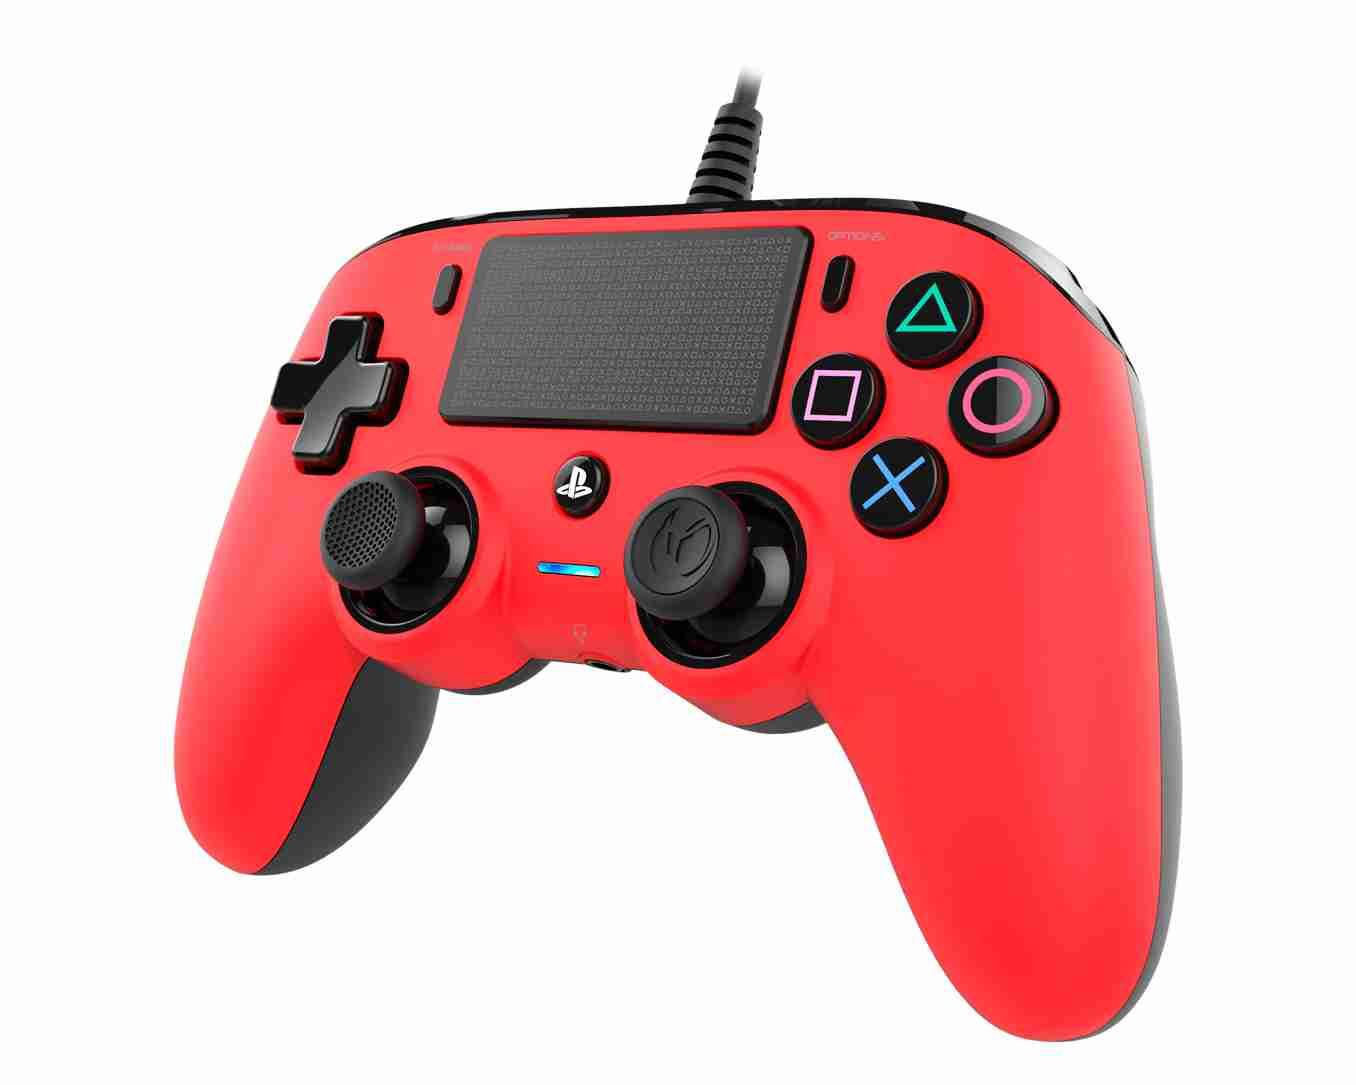 Bild:NACON bringt neuen offiziell lizensierten Controller für PlayStation 4